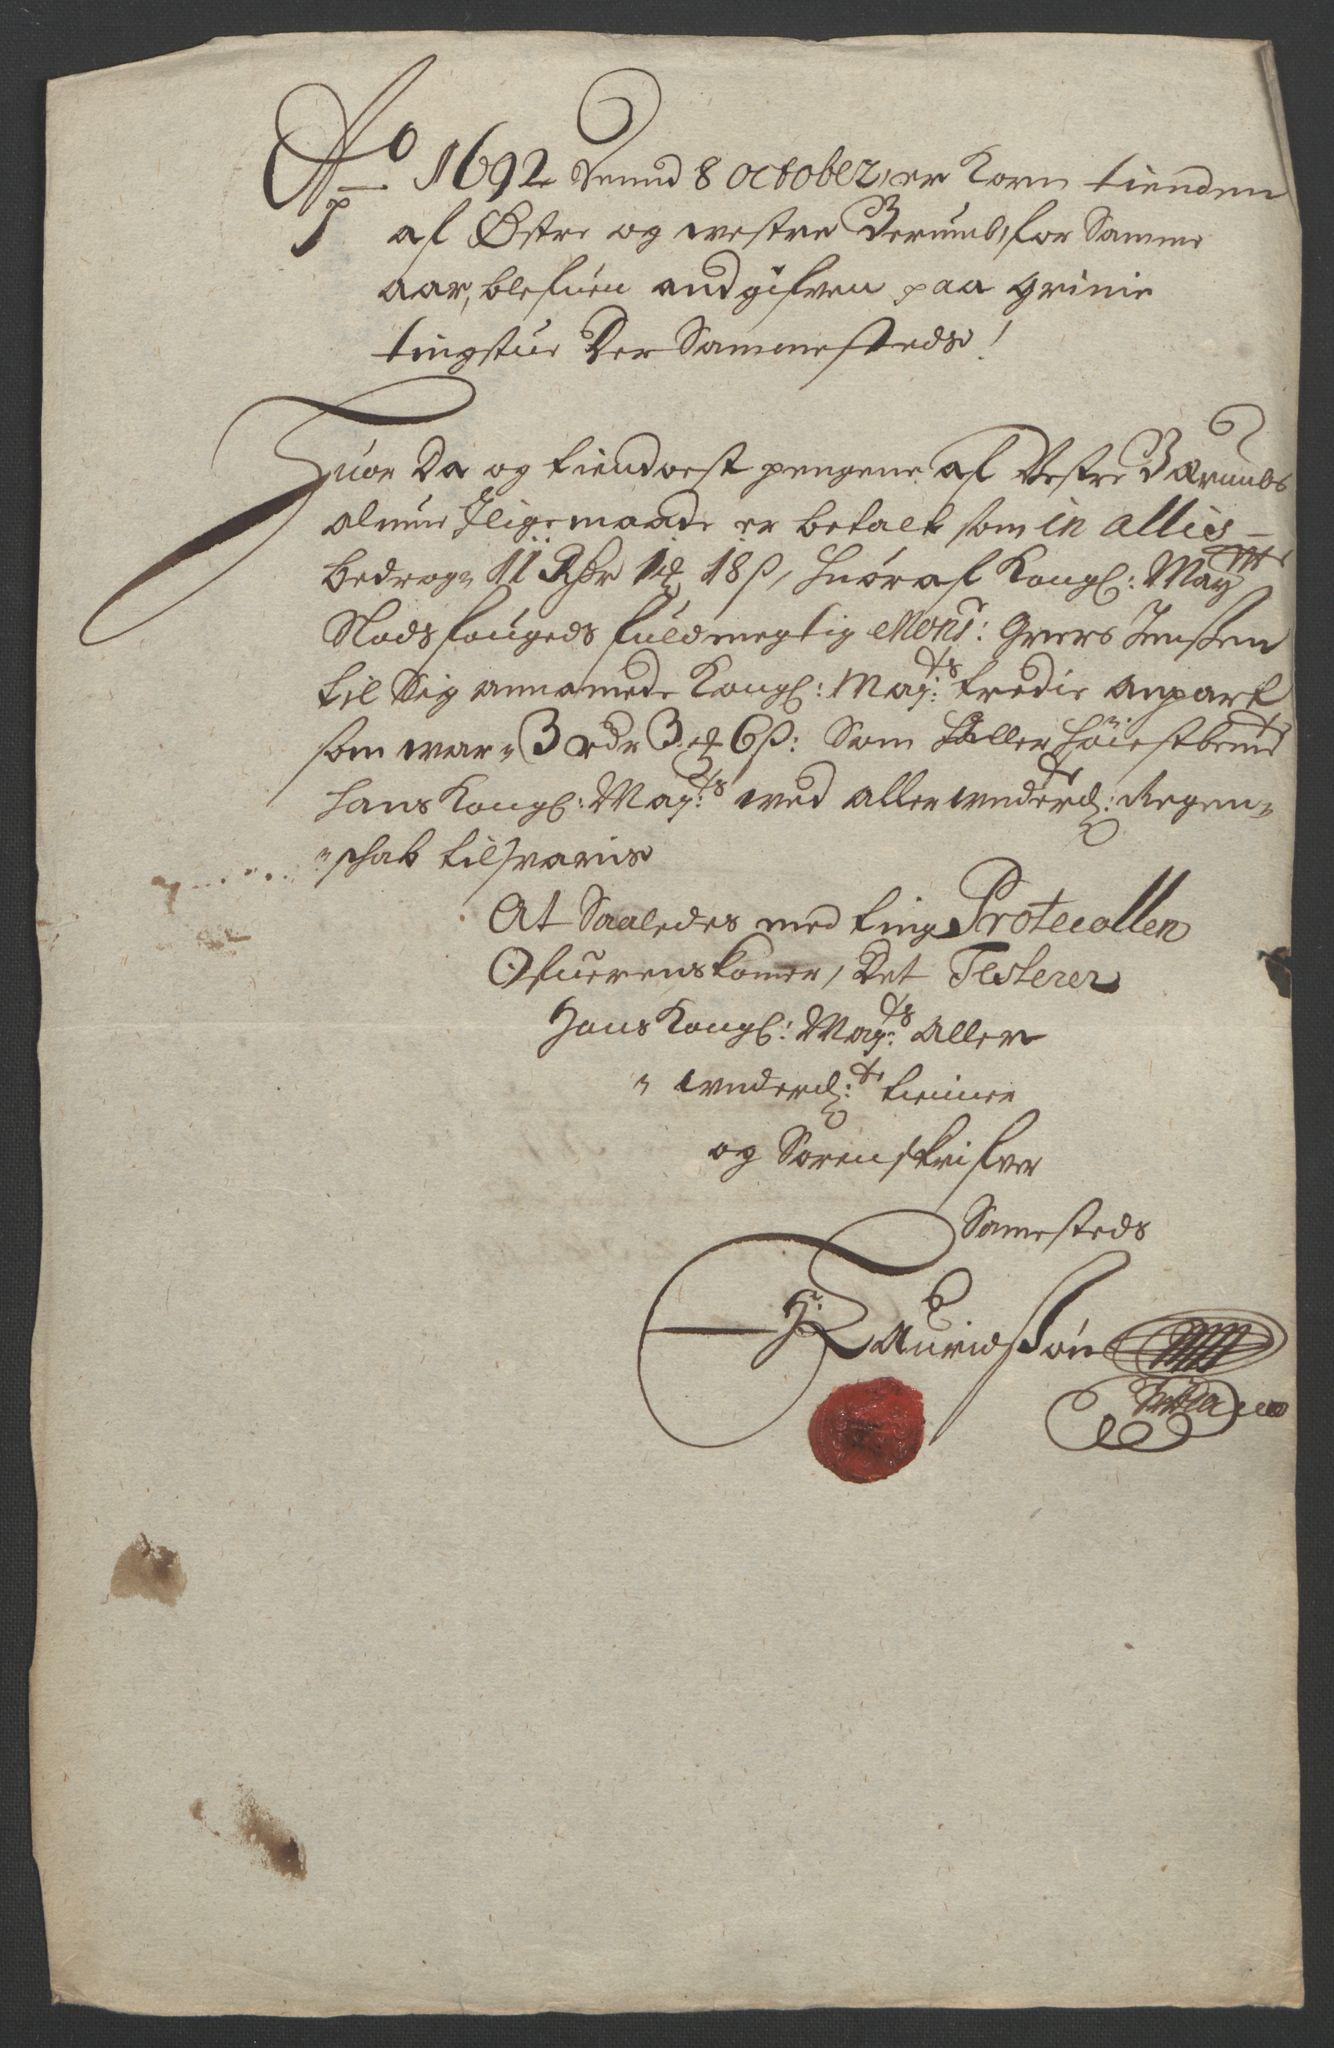 RA, Rentekammeret inntil 1814, Reviderte regnskaper, Fogderegnskap, R08/L0426: Fogderegnskap Aker, 1692-1693, s. 76